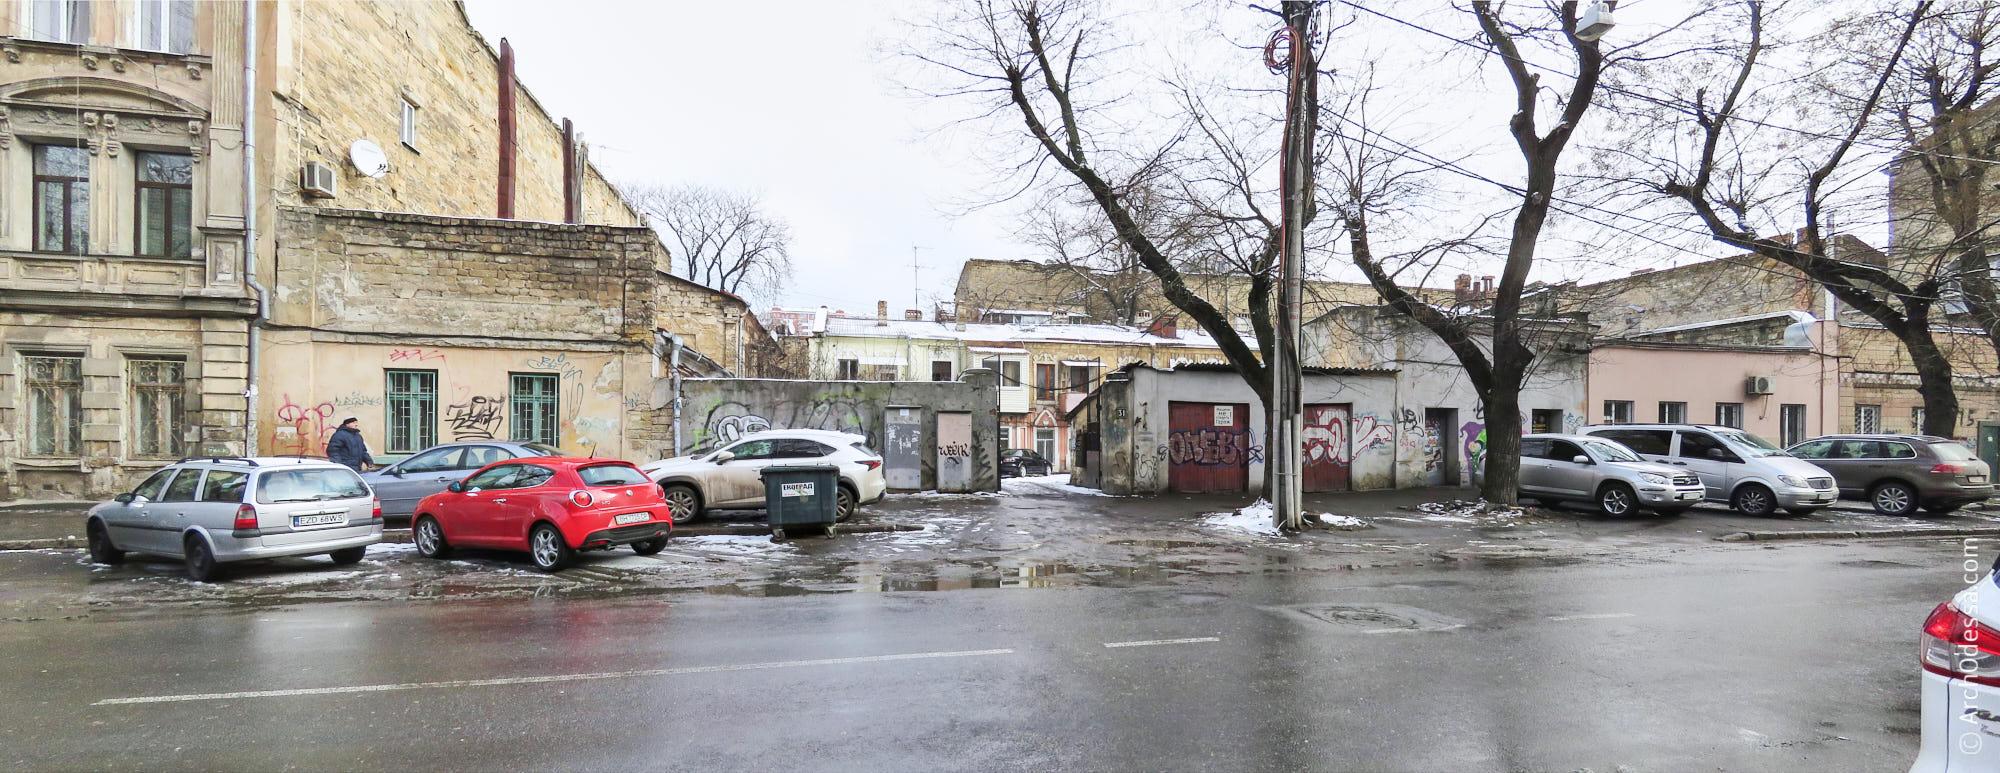 Участок флигелей Снежко-Блоцкого на Осипова, 31